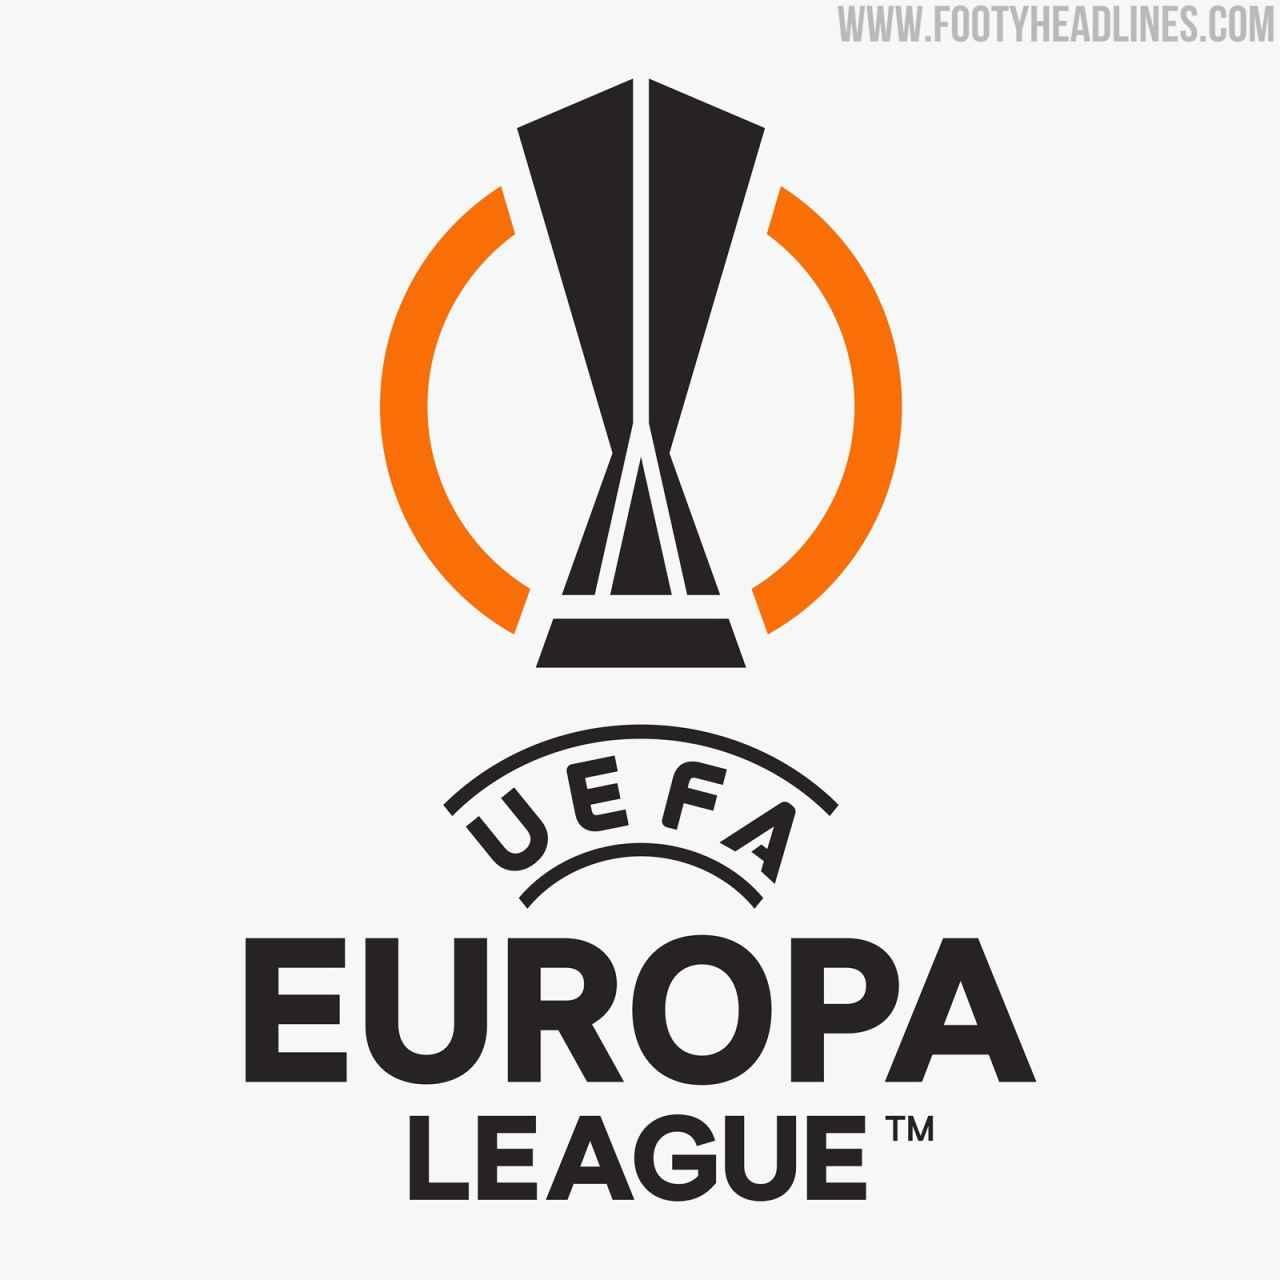 El nuevo logo de la Europa League para 2022